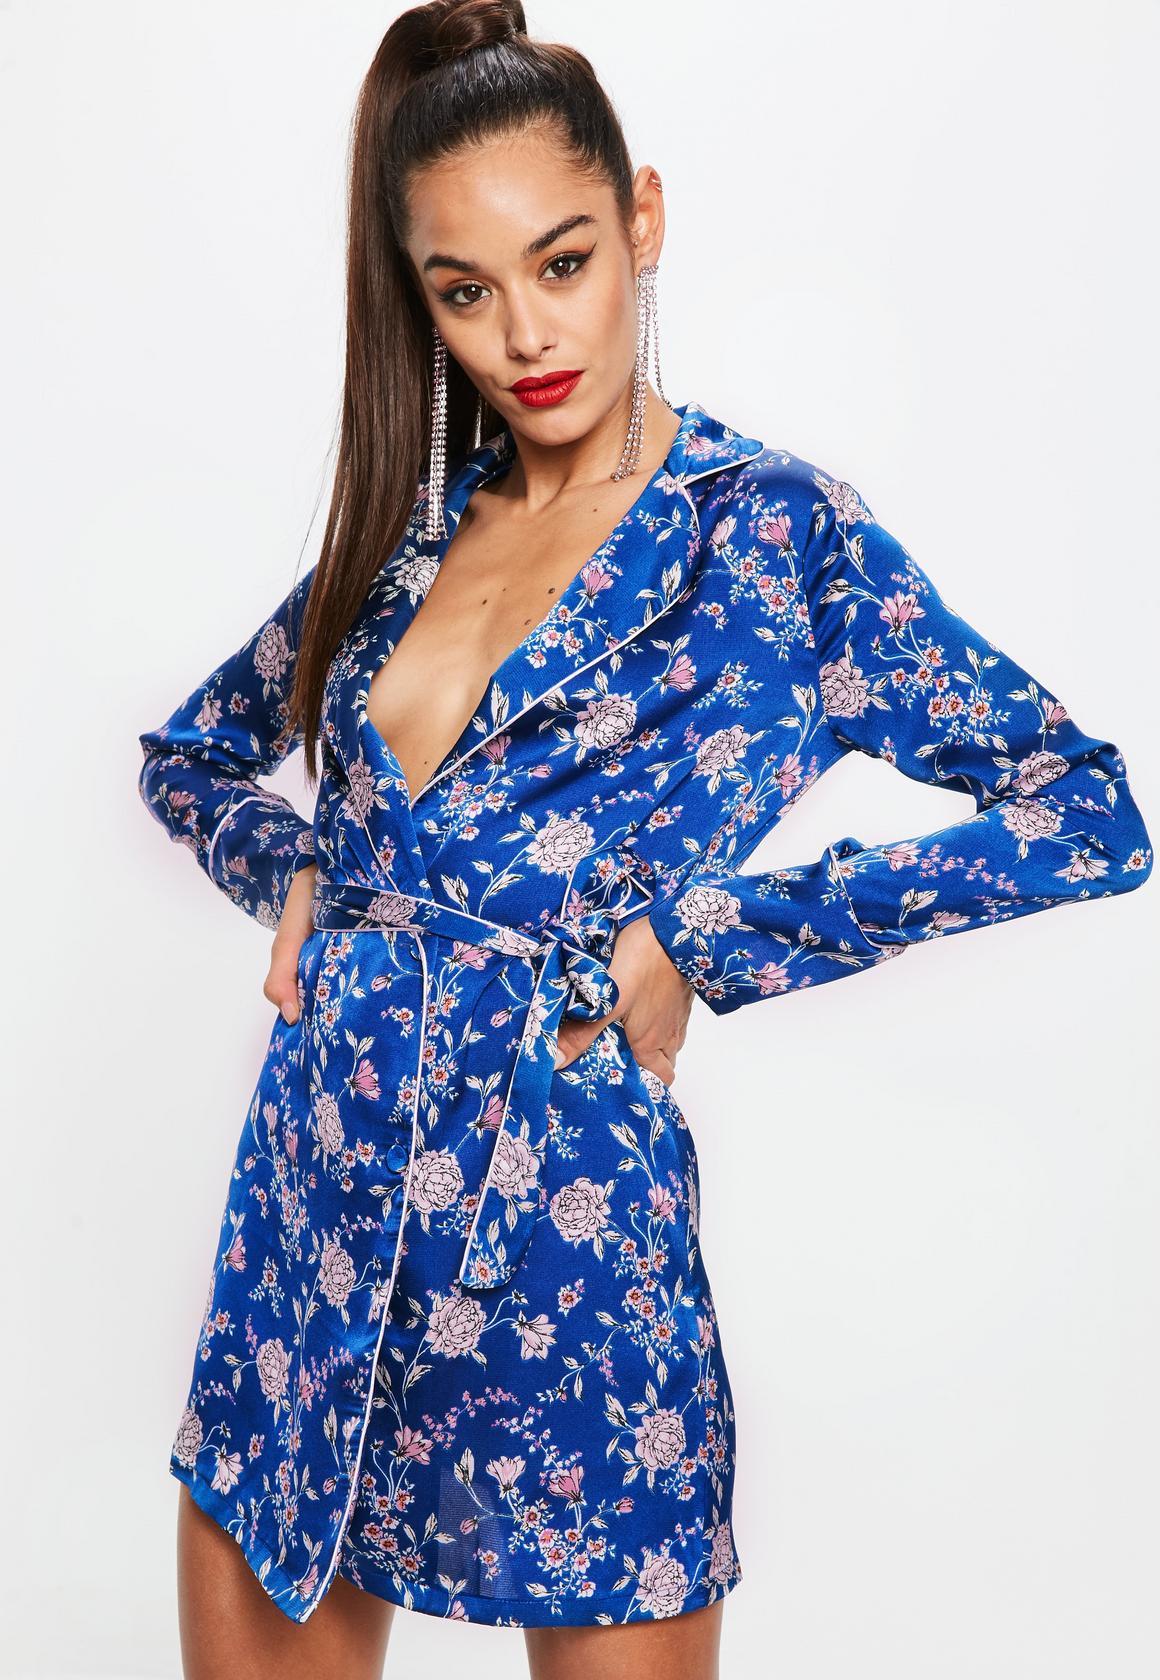 Shop online for Blue Satin Floral Belted Wrap V Neck Shift Dress